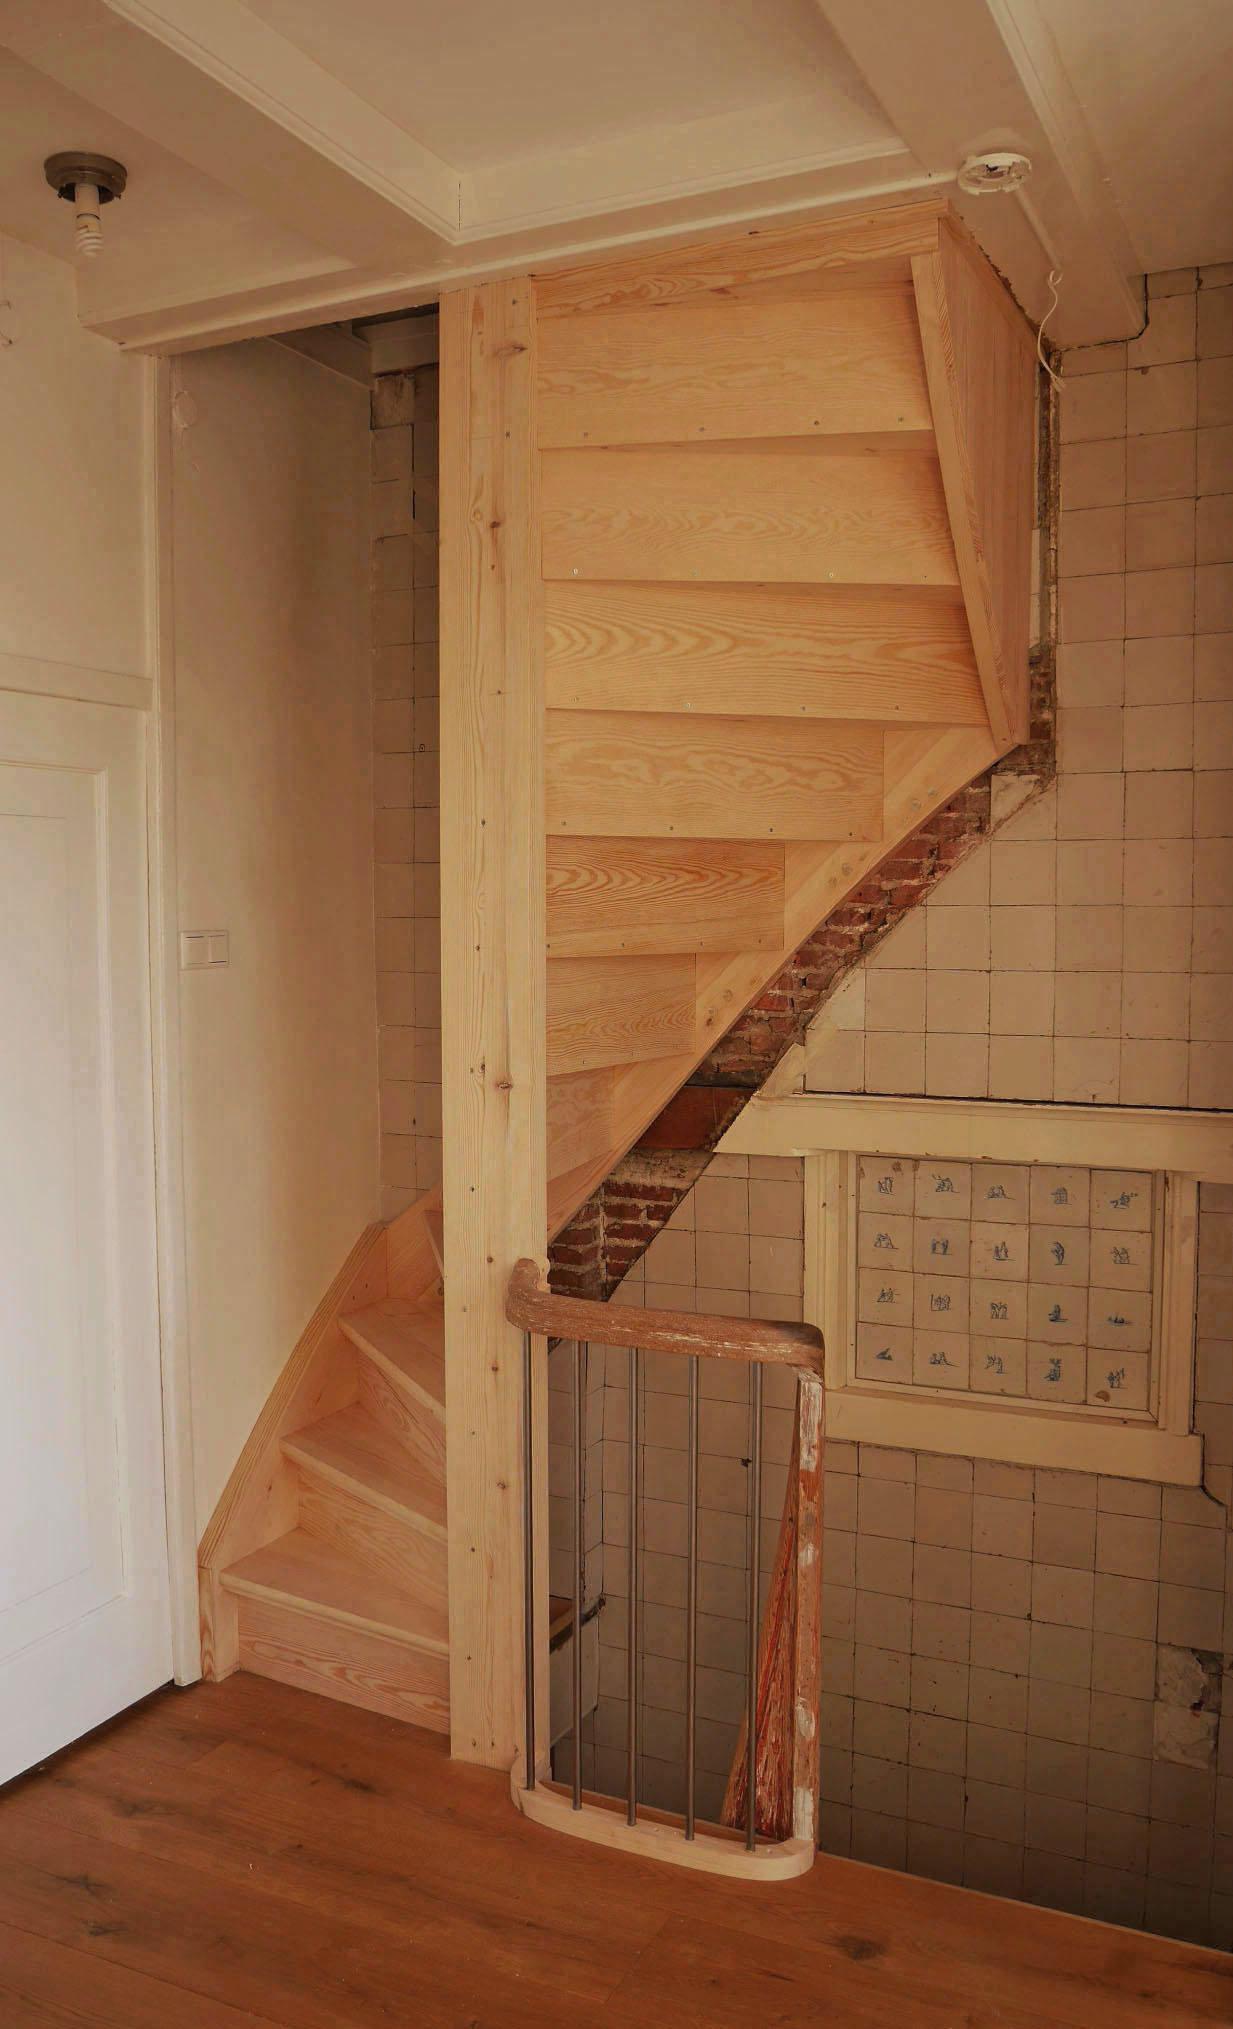 Verbetering steile trap